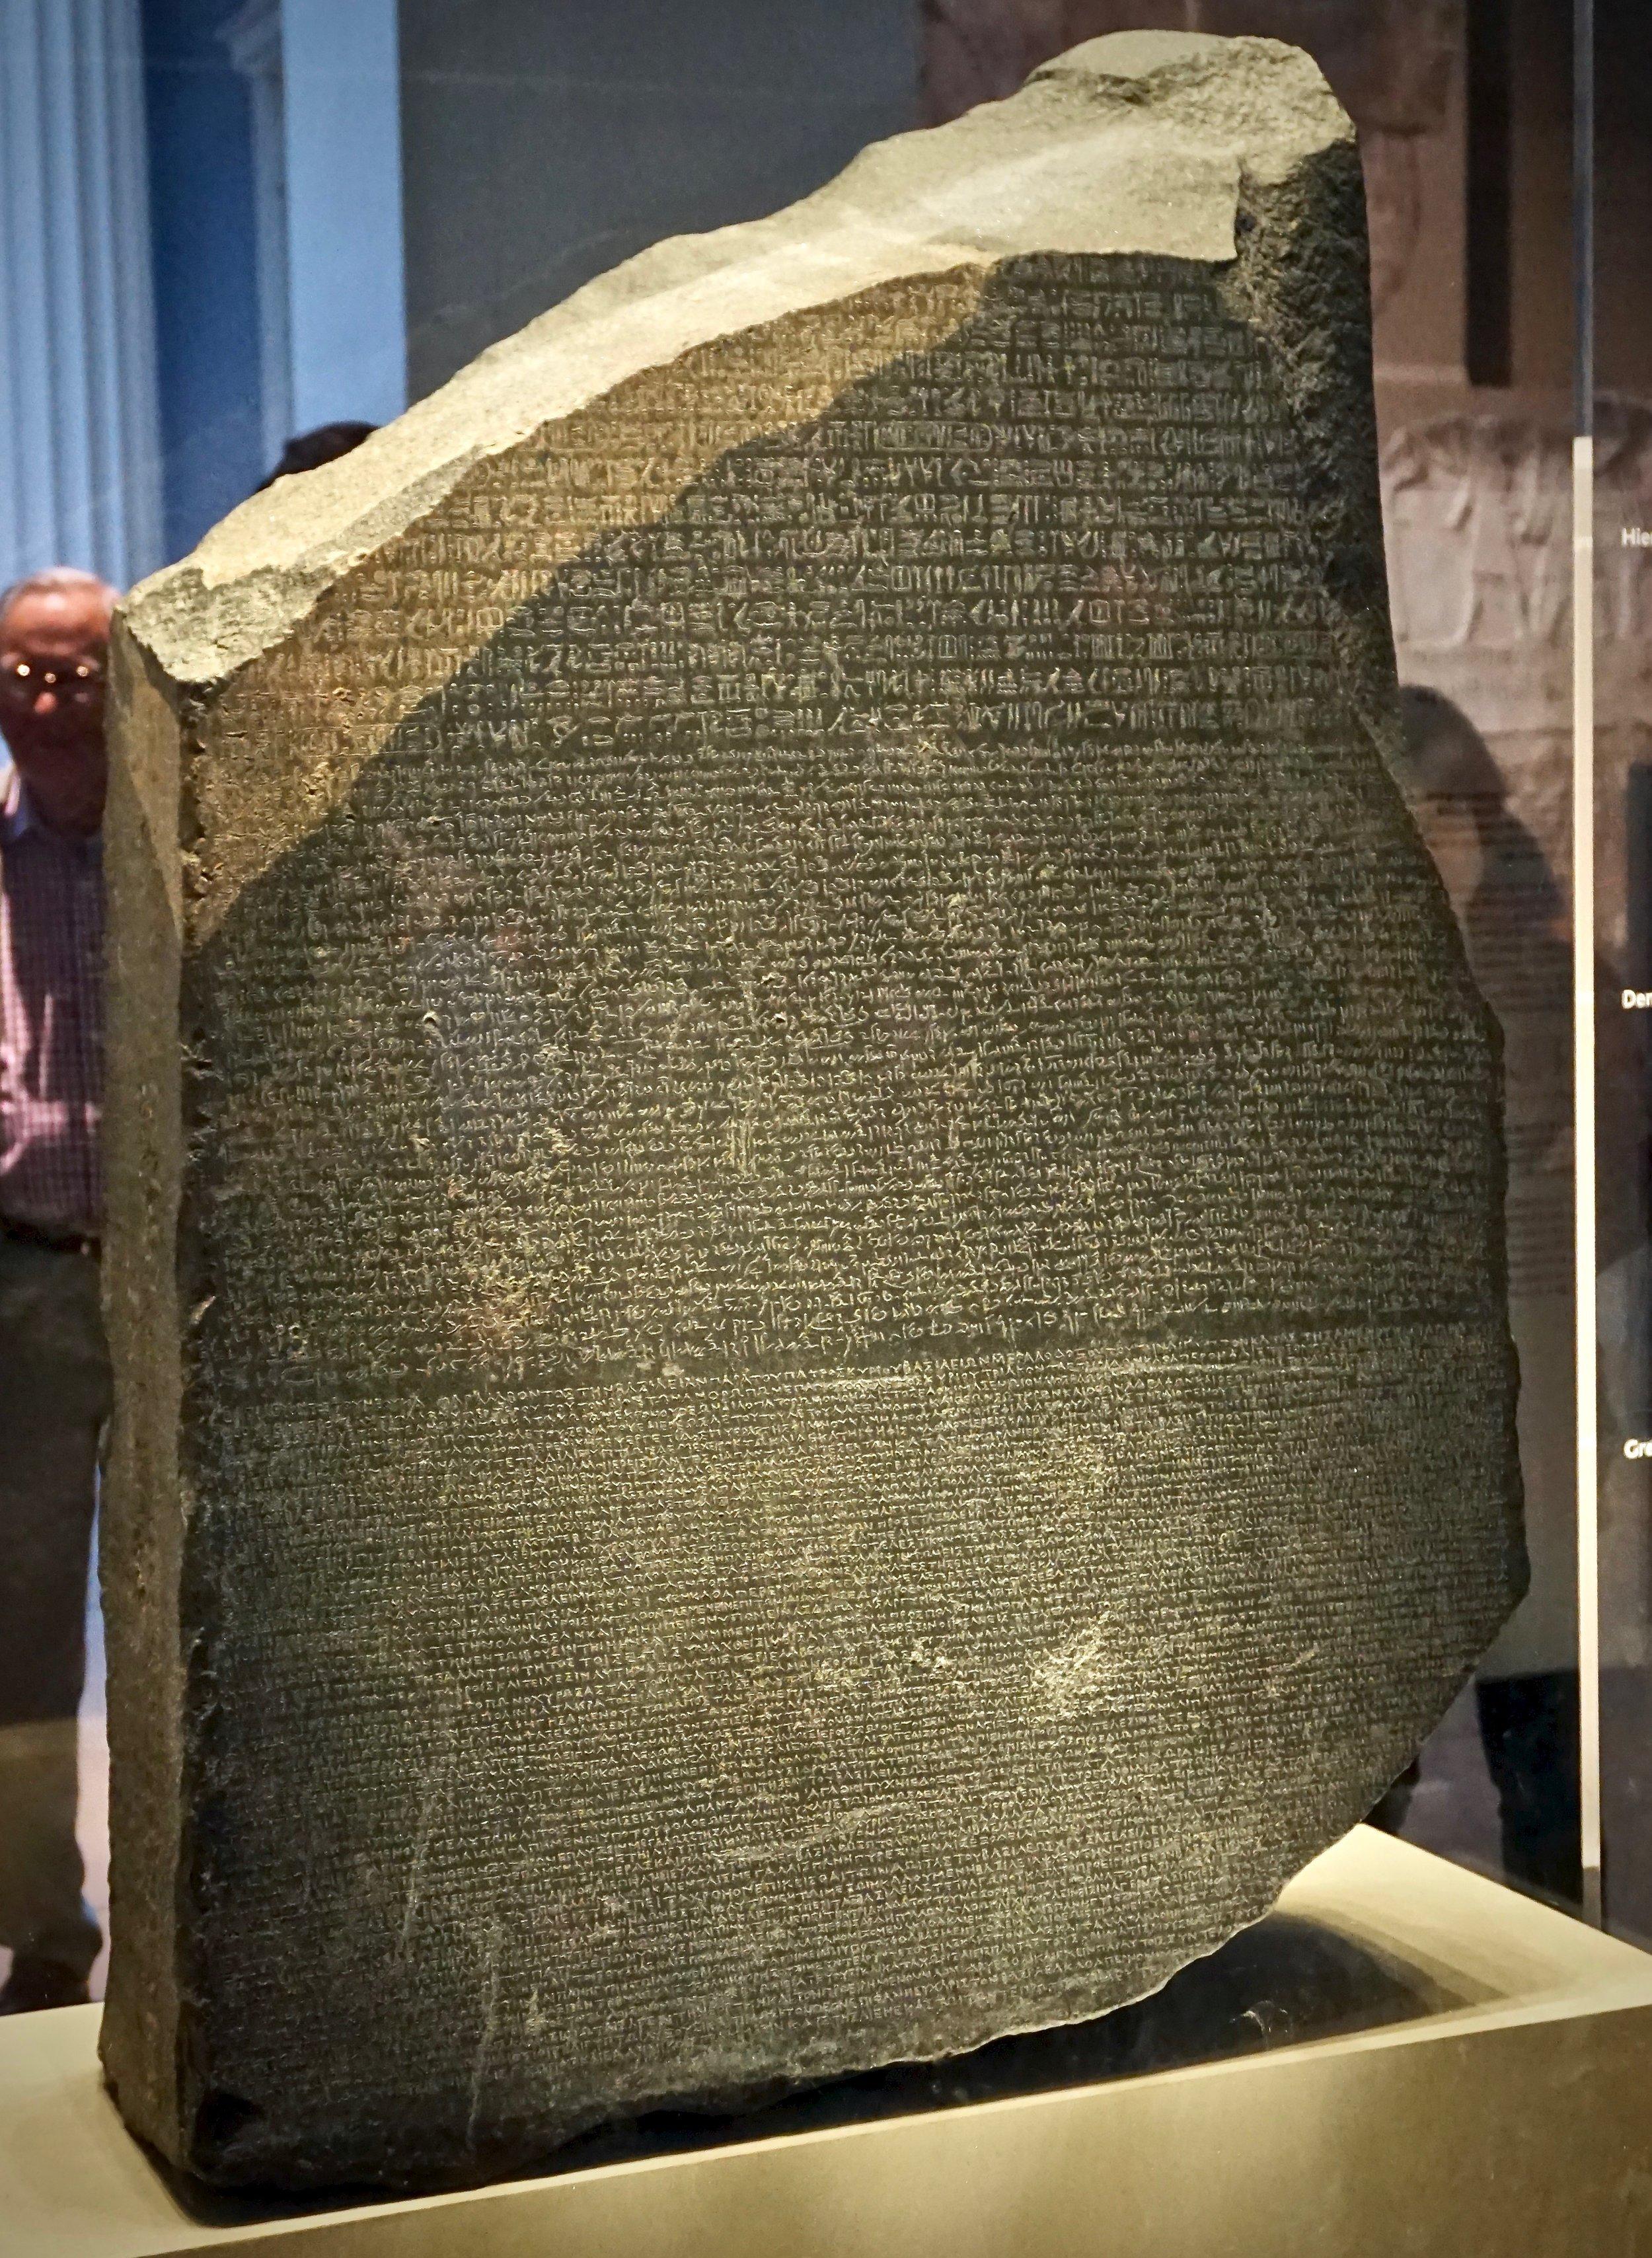 Rosetta Stone. British Museum.